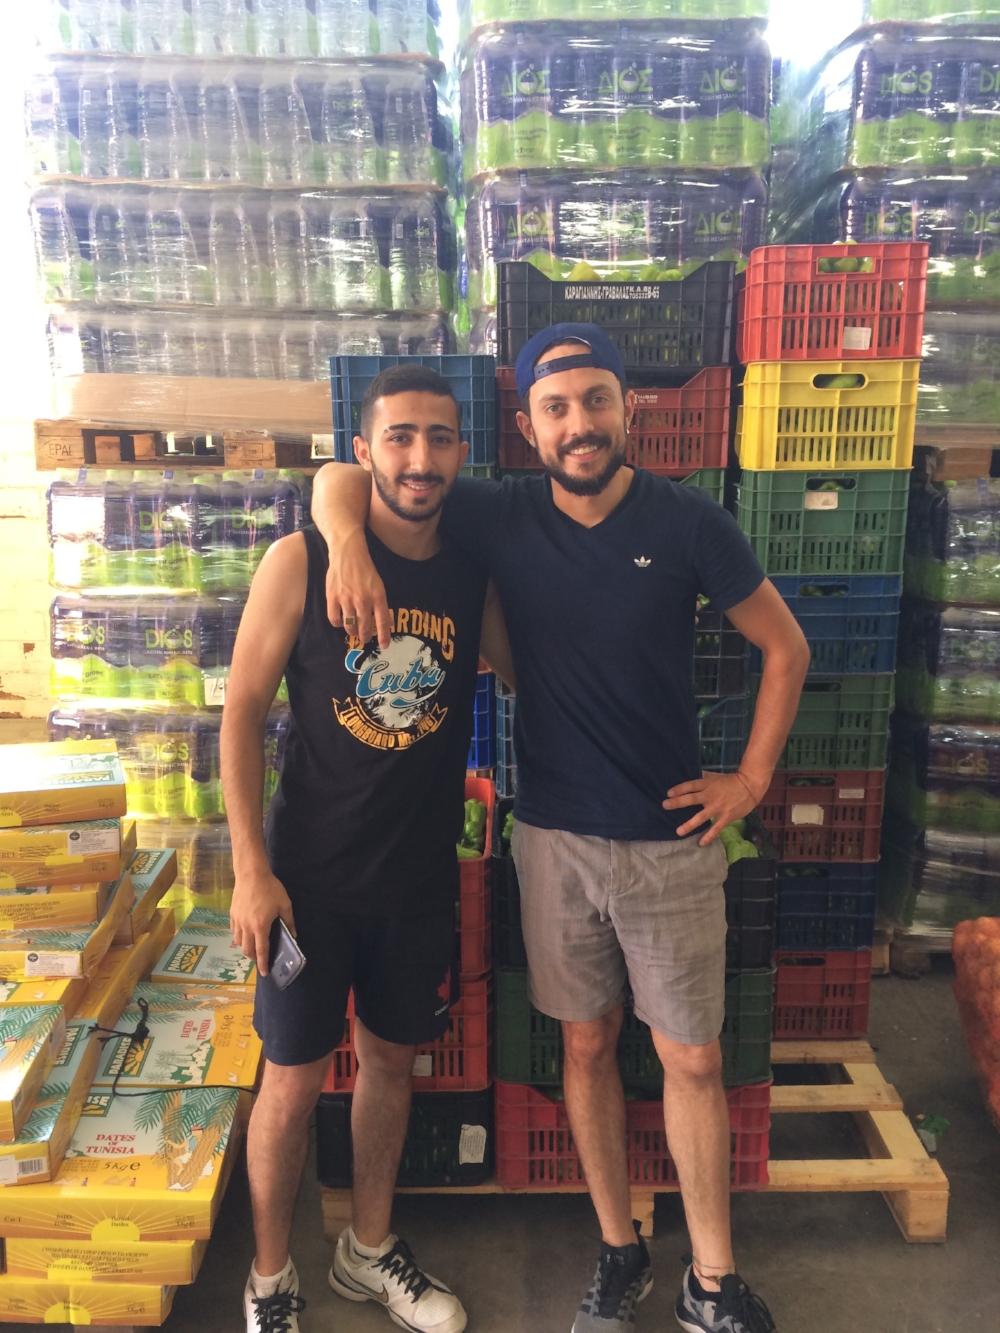 Mit Wael sind es nun schon drei Robins die im Warehouse arbeiten können.